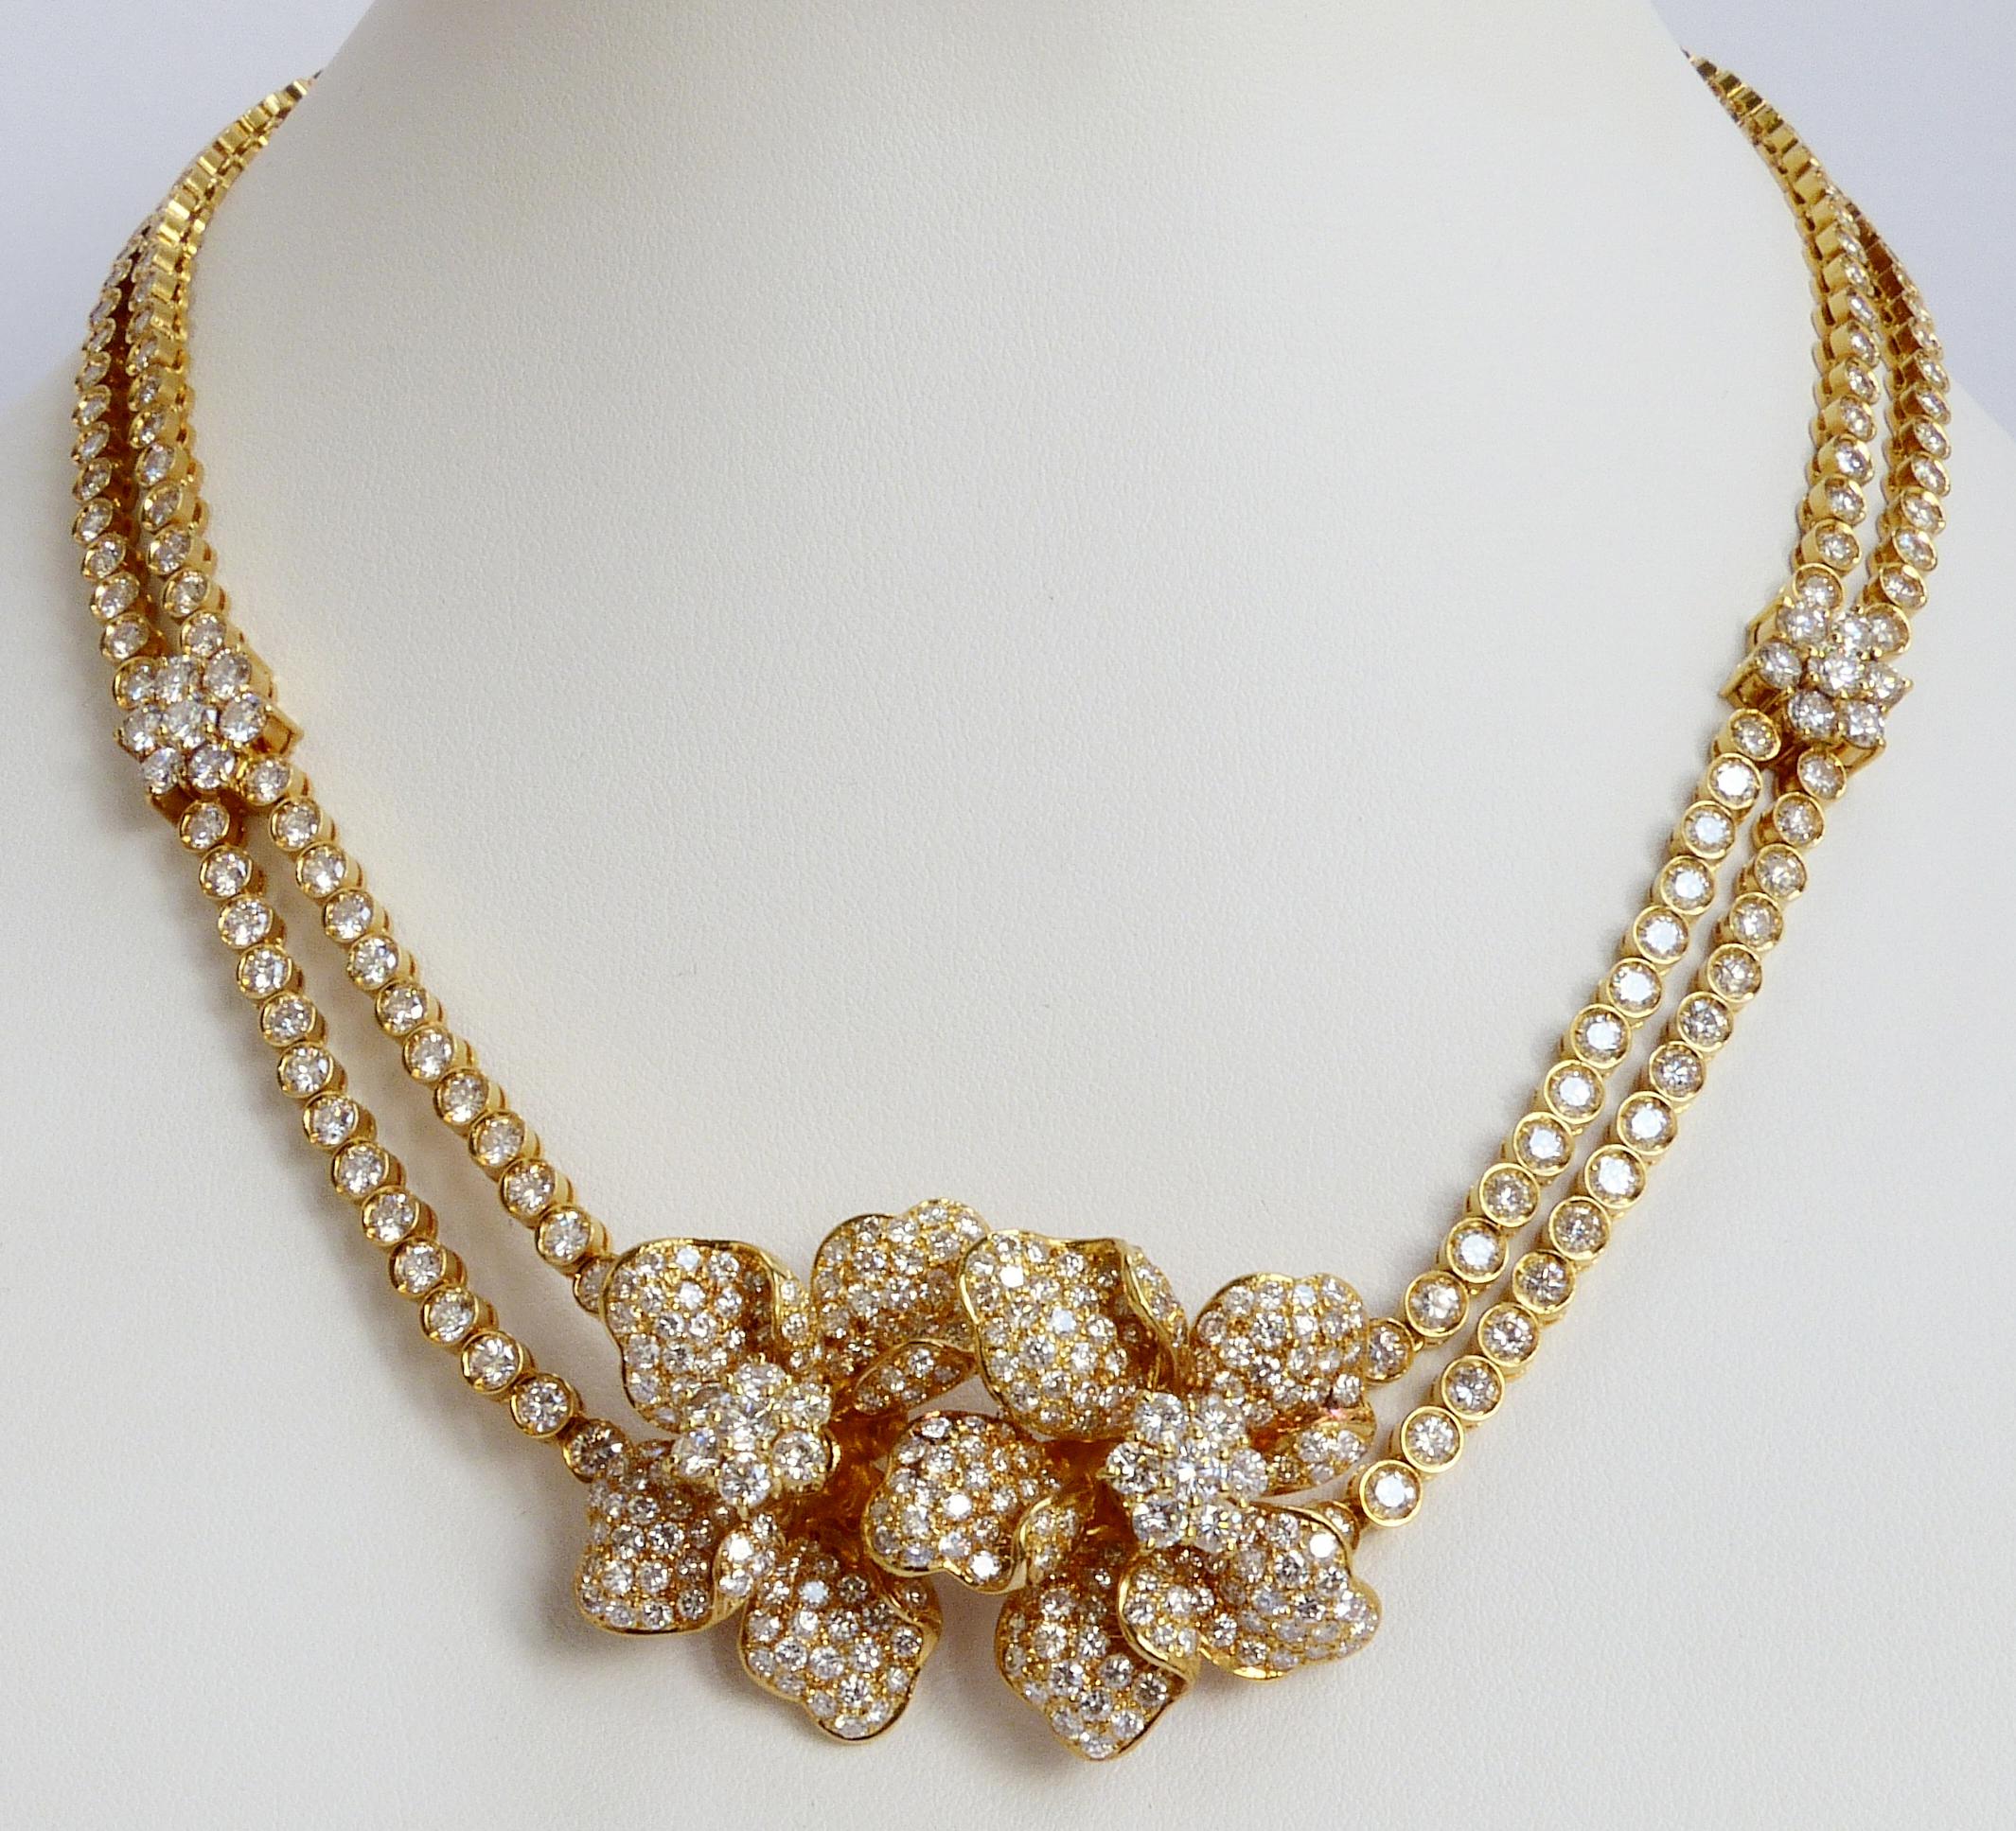 la sala bilbana moyua de brancas gran va celebra los das y de octubre su subasta n centrada en joyas antiguas y modernas brillantes y